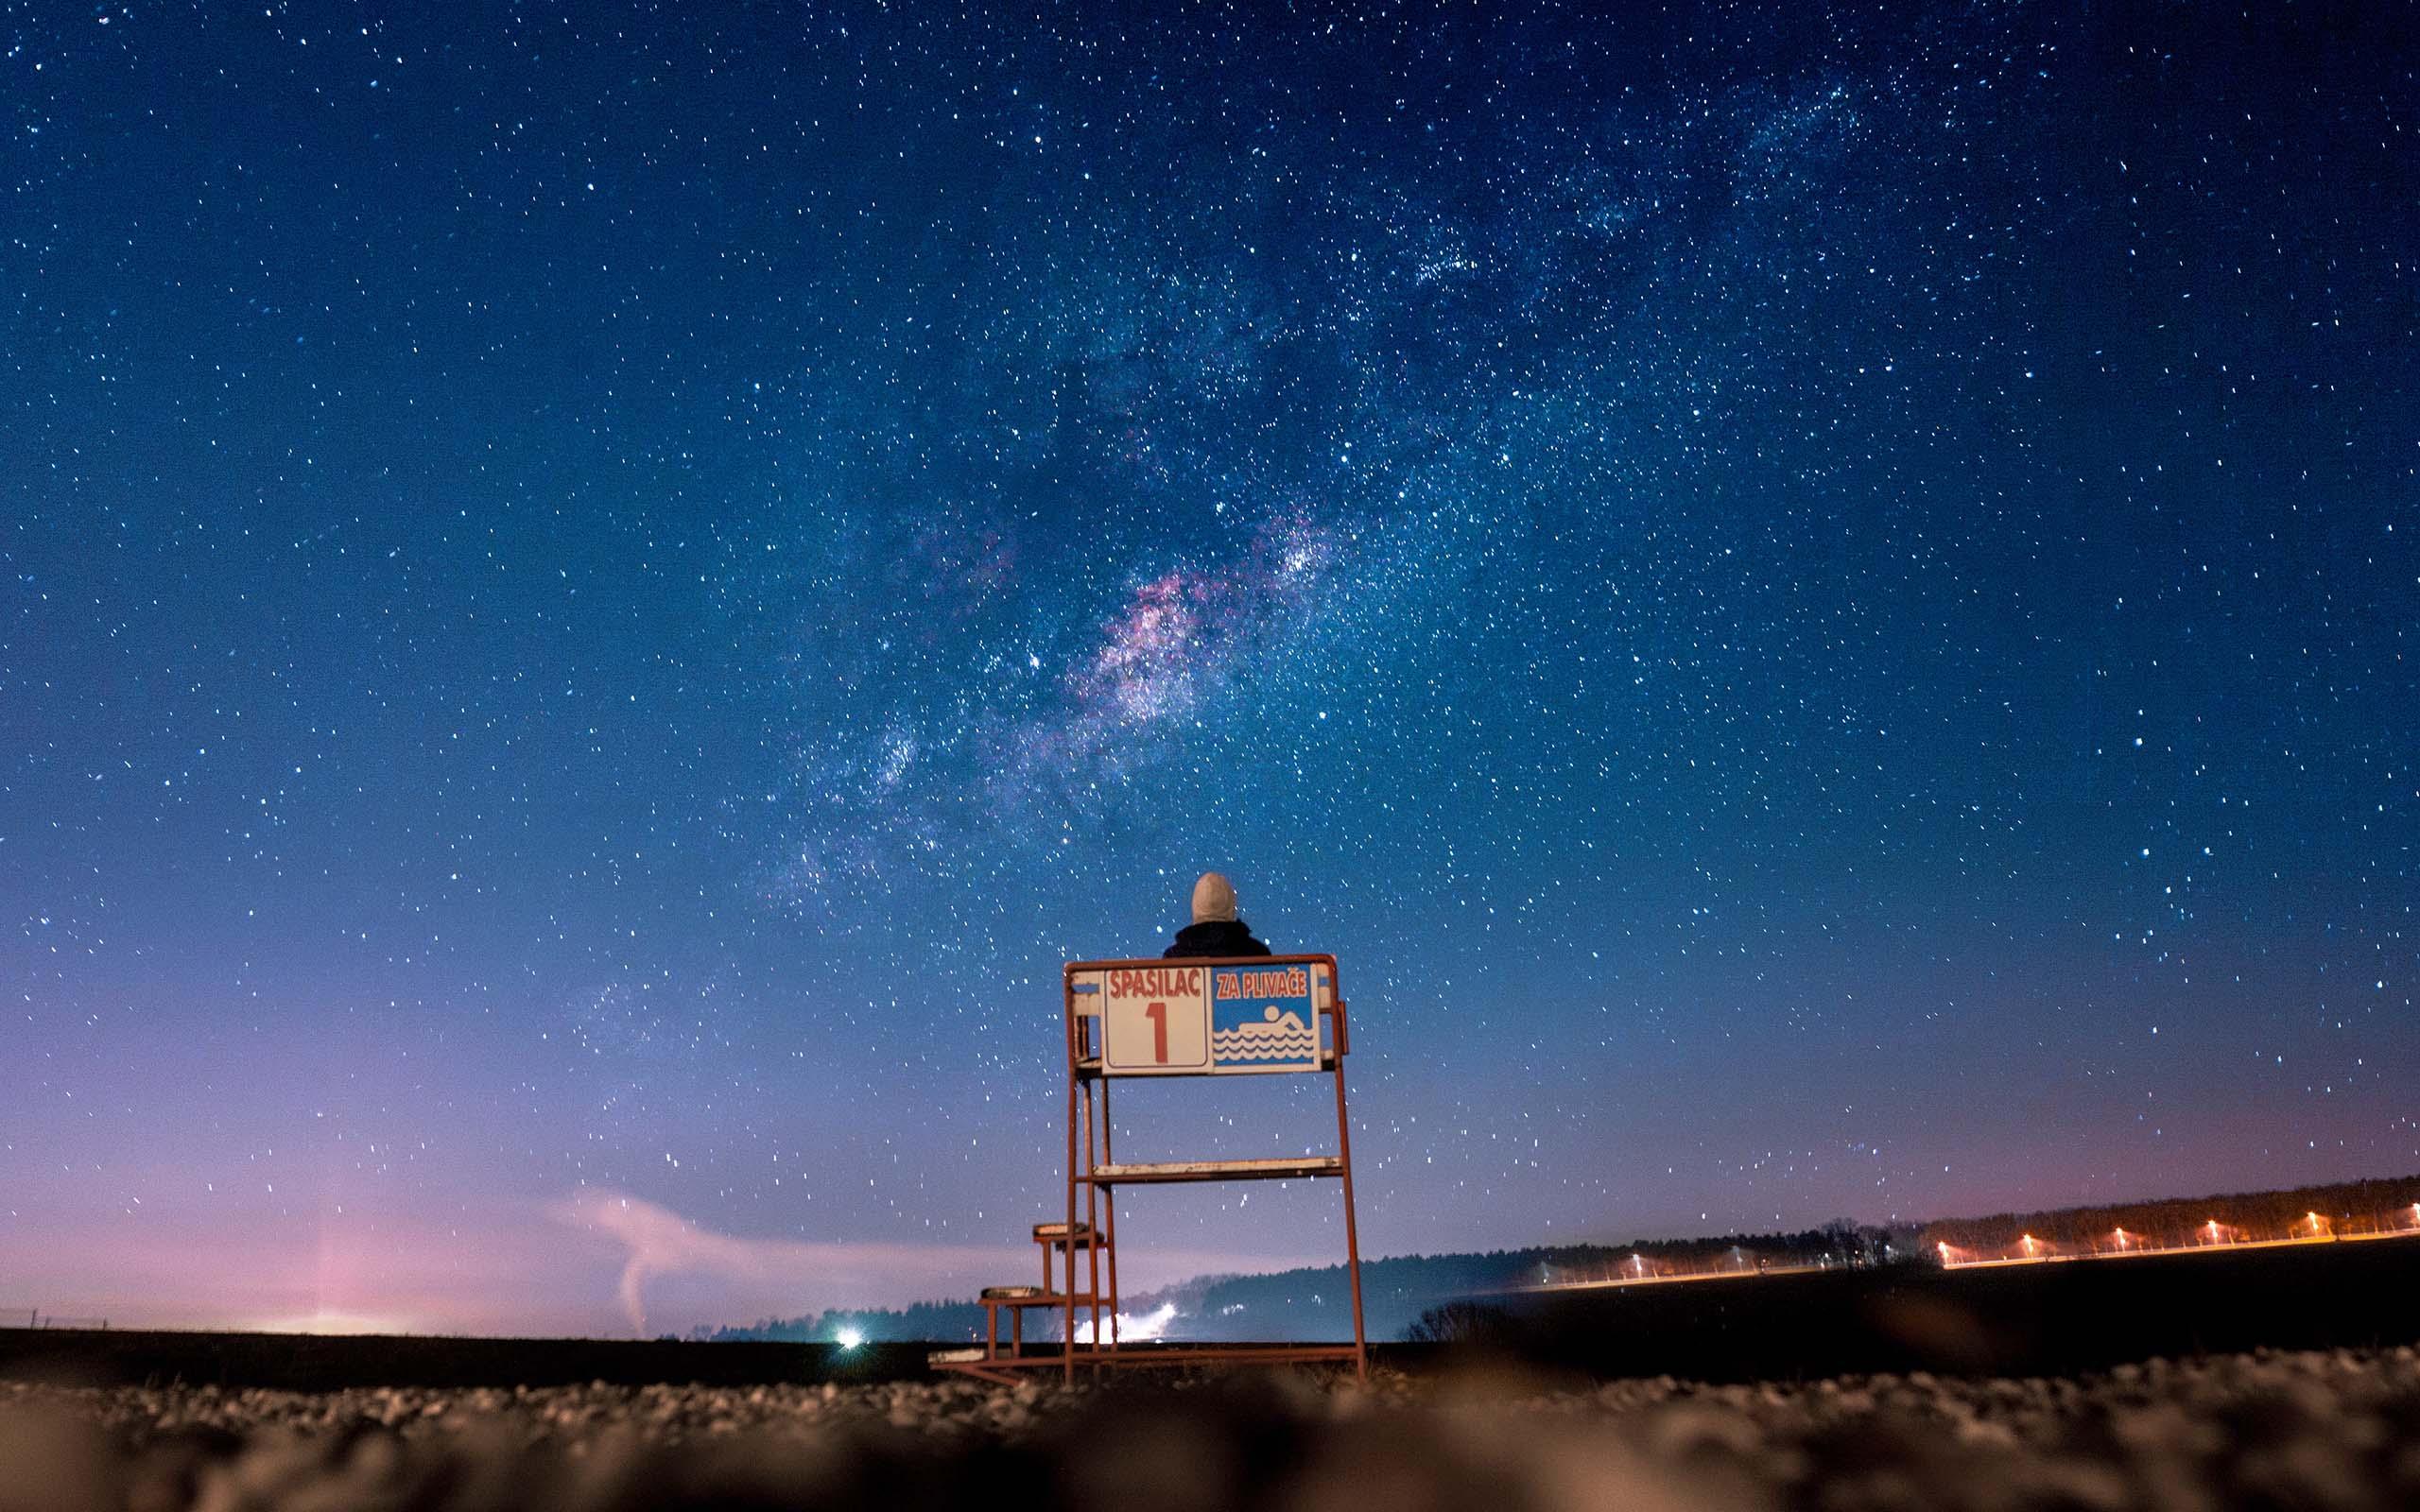 唯美星空夜景图片高清电脑桌面壁纸 桌面壁纸 Mm4000图片大全